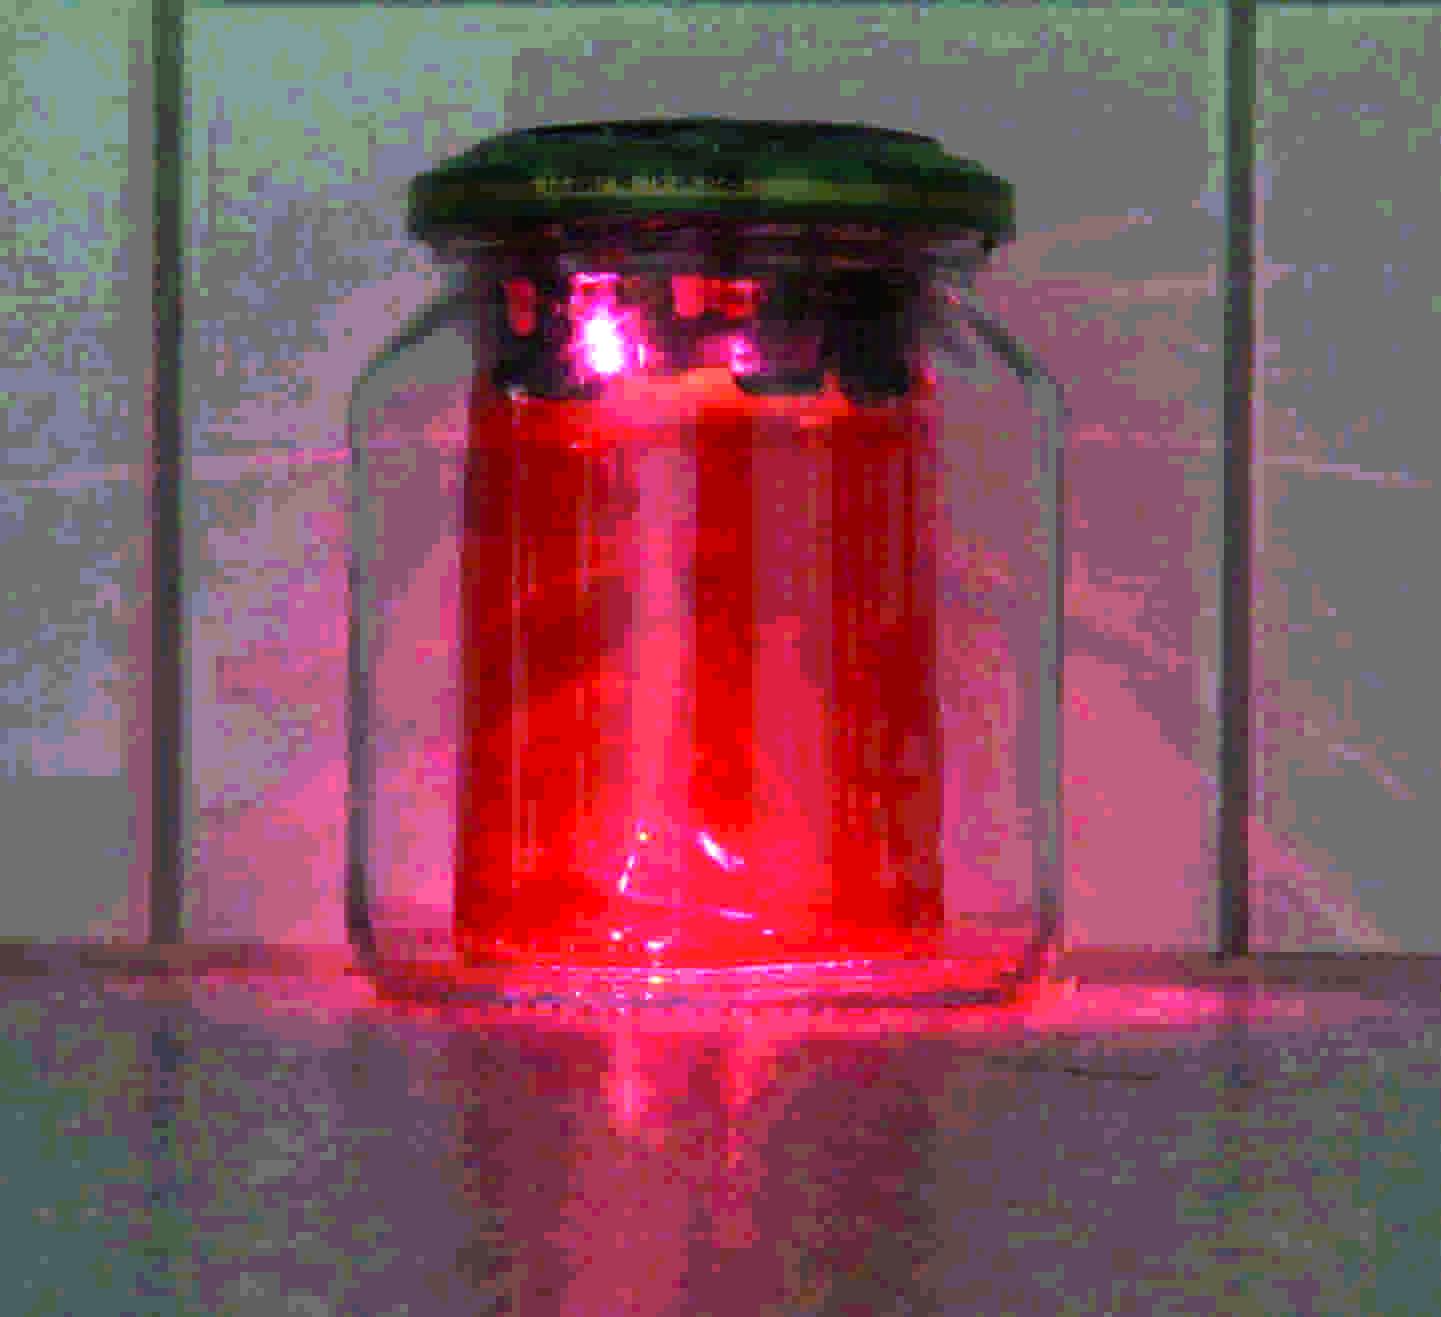 Gurkenglas